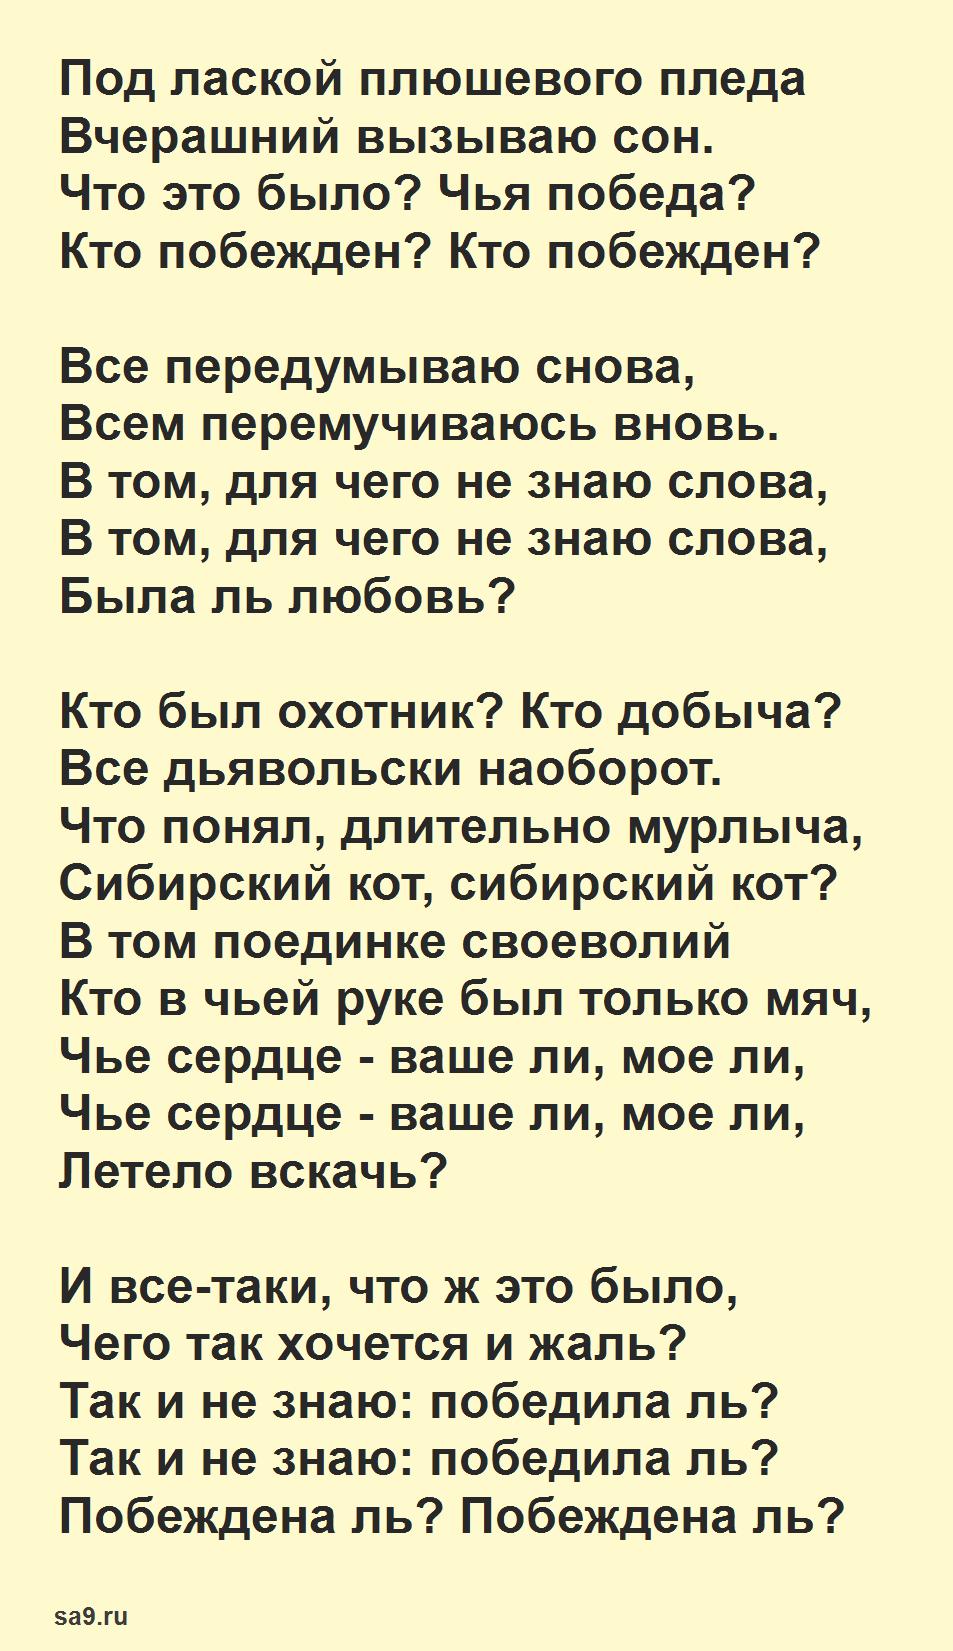 Романсы на стихи Цветаевой - Под лаской плюшевого пледа